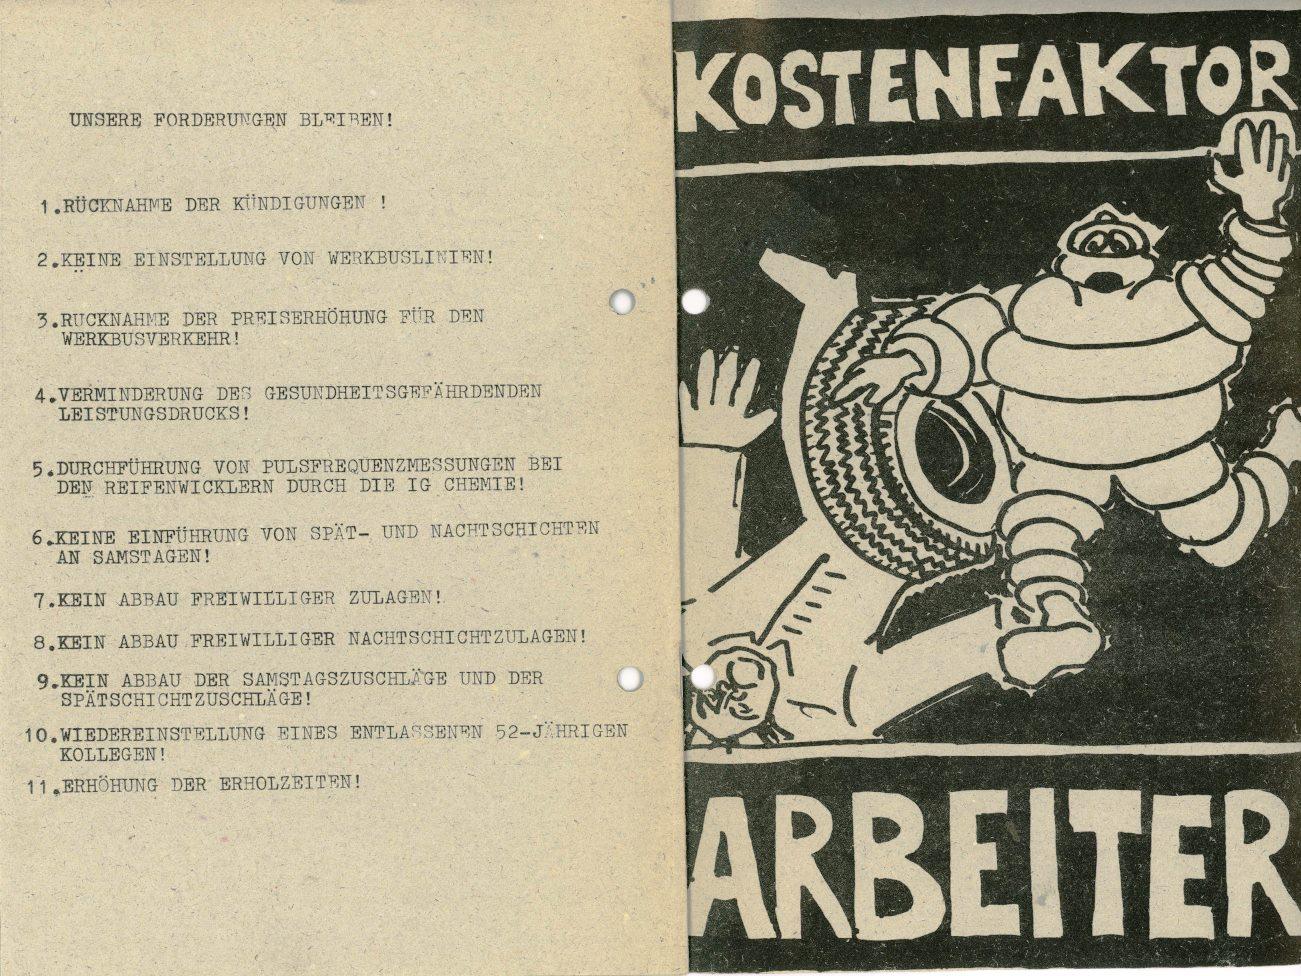 Karlsruhe_Michelin_Kostenfaktor_Arbeiter_1978_01